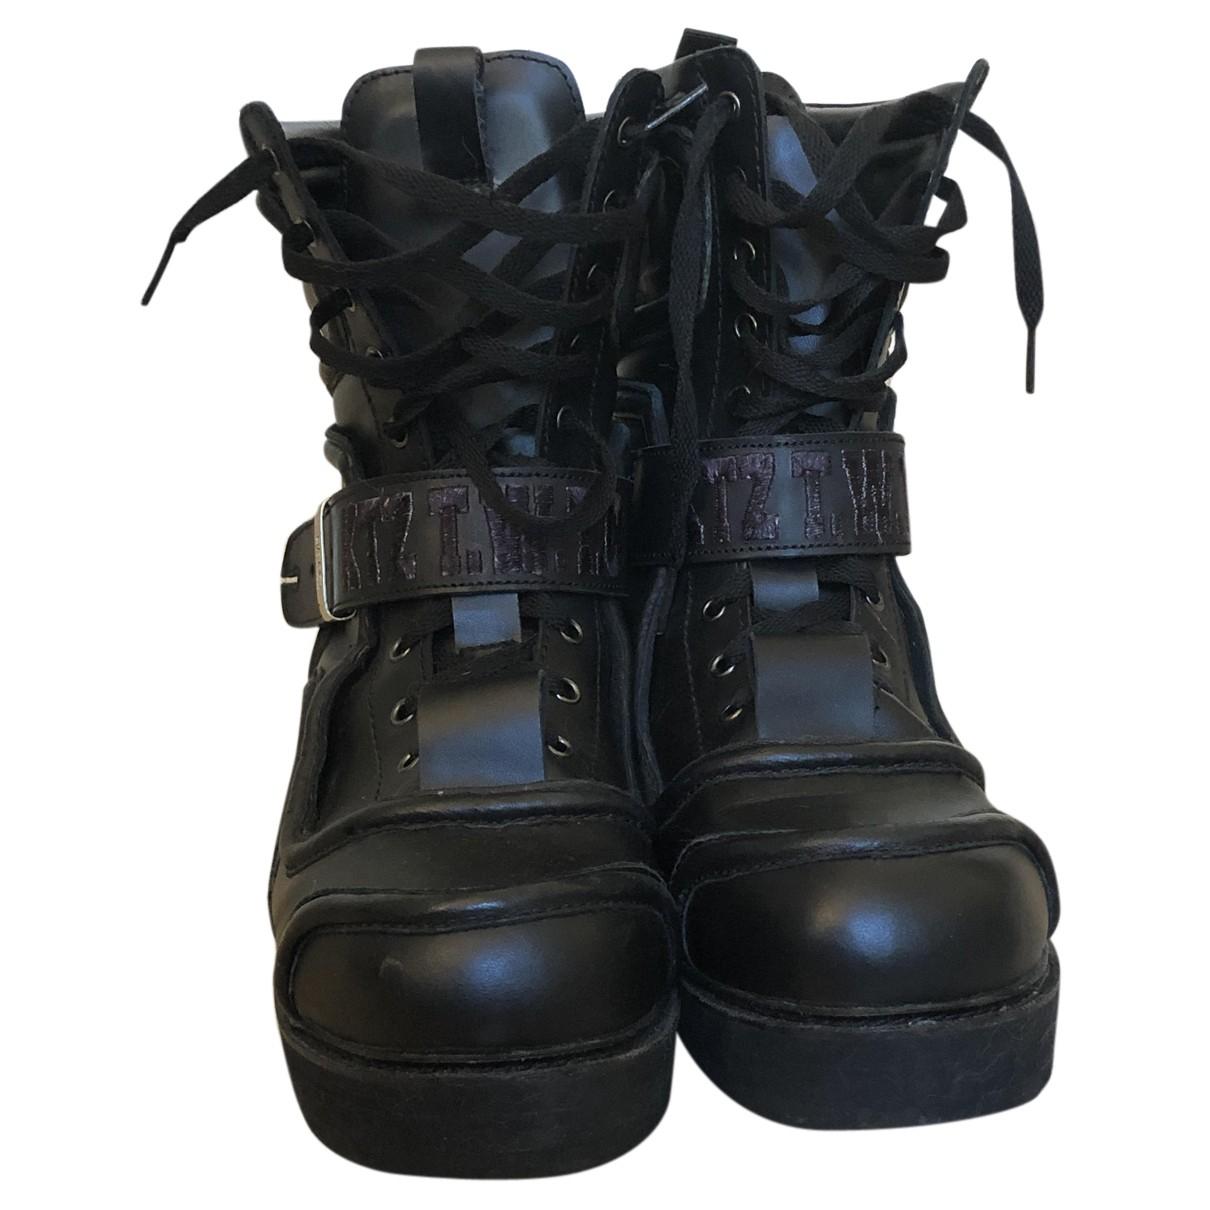 Ktz - Bottes.Boots   pour homme en cuir - noir